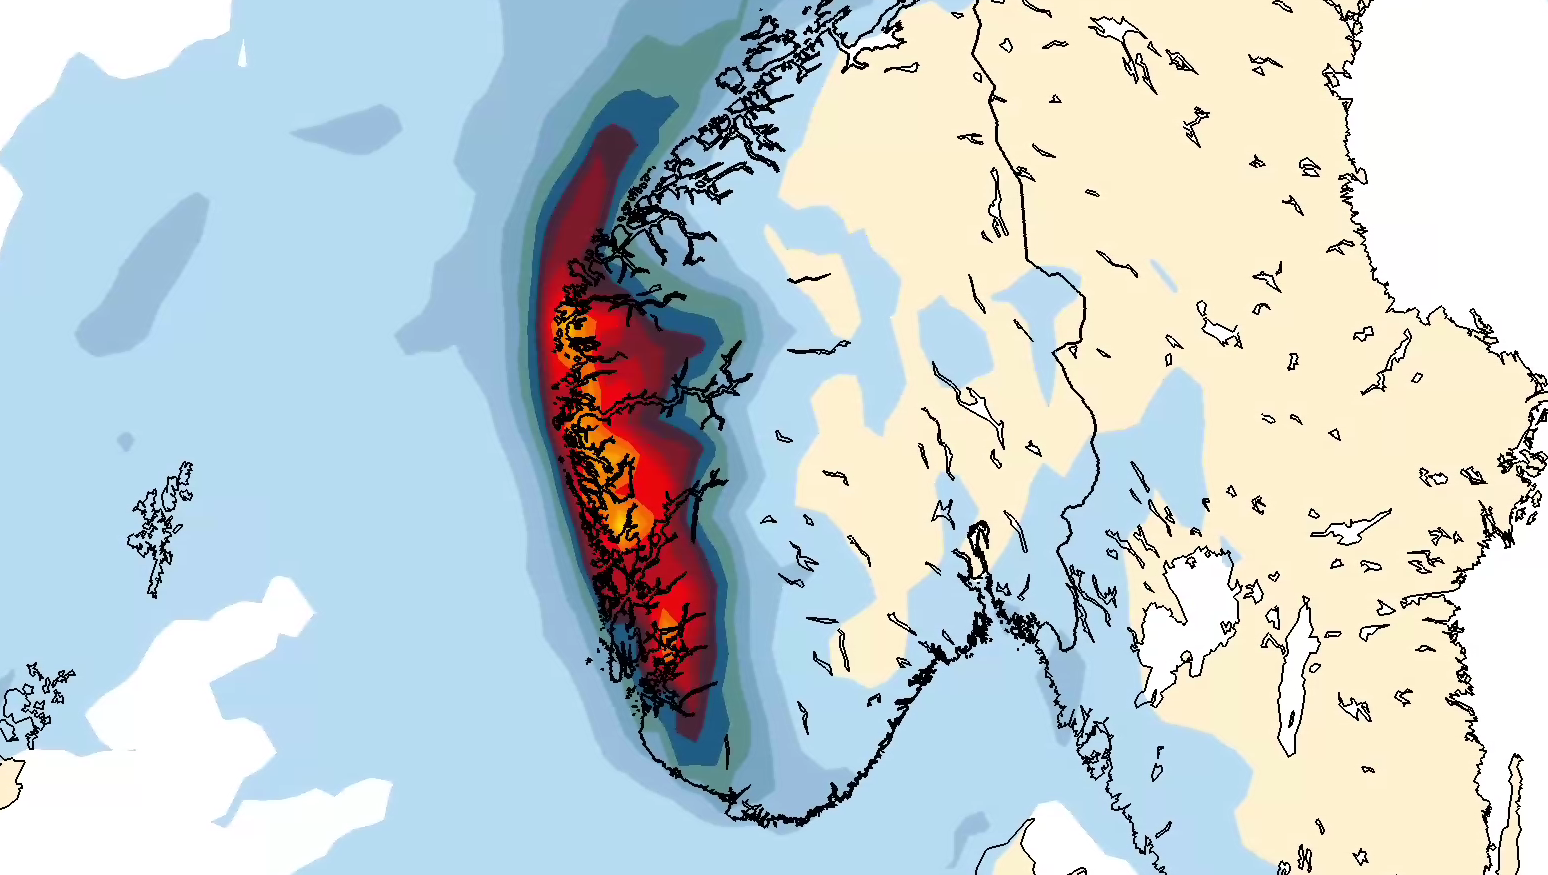 VÅTT, VÅTT, VÅTT: Nesten hele Vestlandet vil få mer enn 300 millimeter nedbør denne uken, viser prognosene. Dette kartet viser samlet nedbør over de syv kommende døgn.